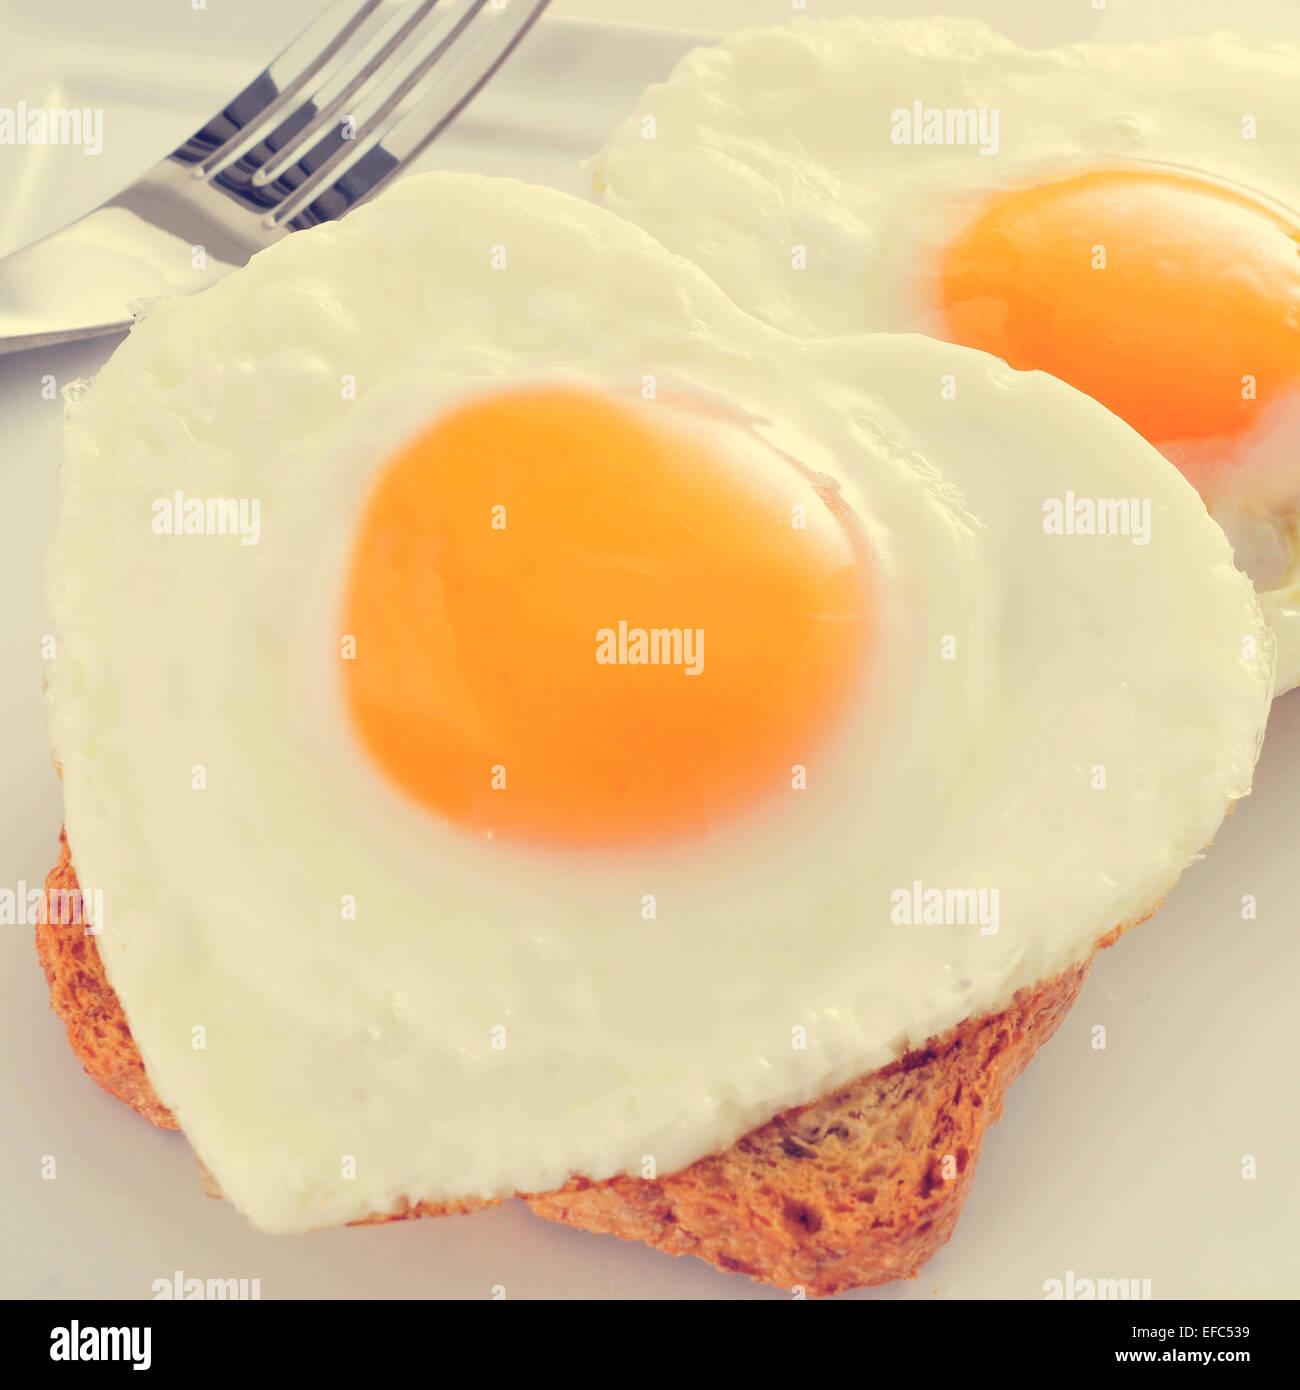 Primo piano di alcuni a forma di cuore le uova fritte servite su pane tostato, con un effetto di filtro Immagini Stock